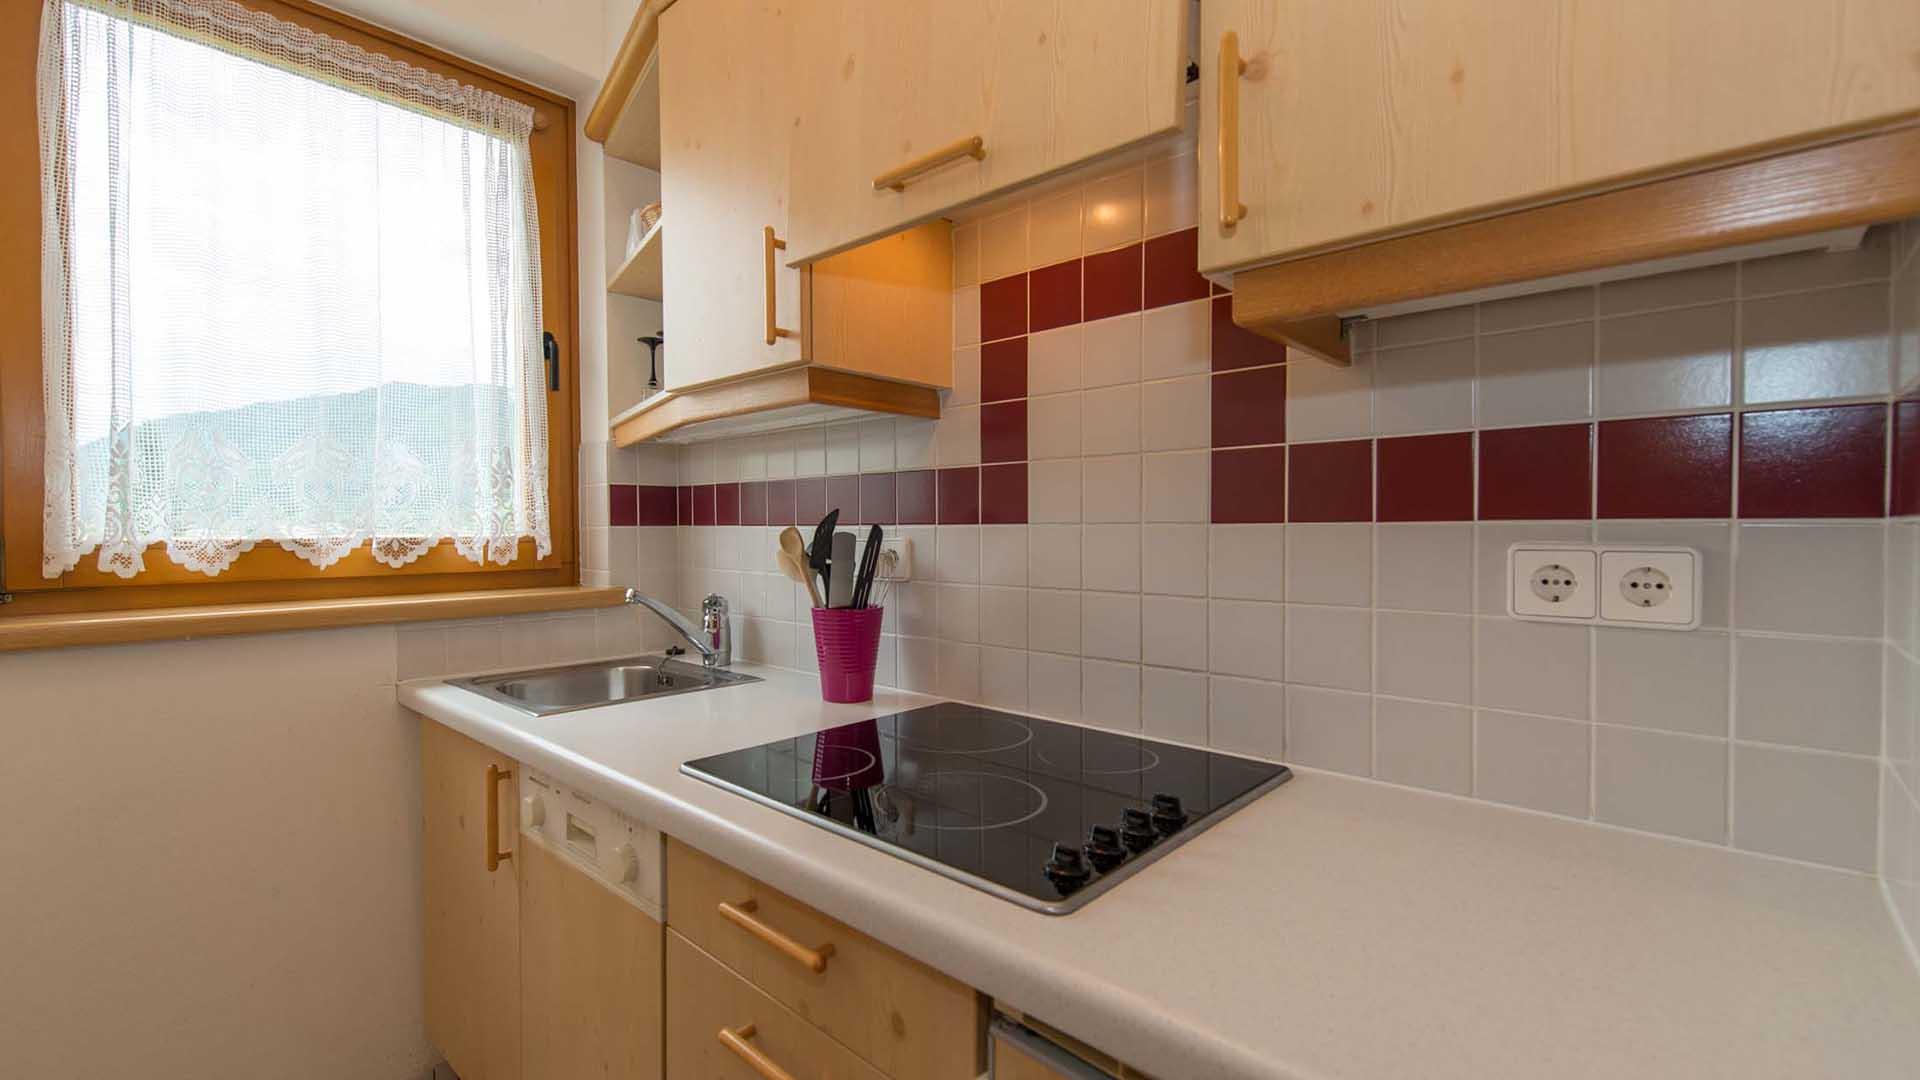 Wohnung-1-Slider-Winkler-Tuschnig-7